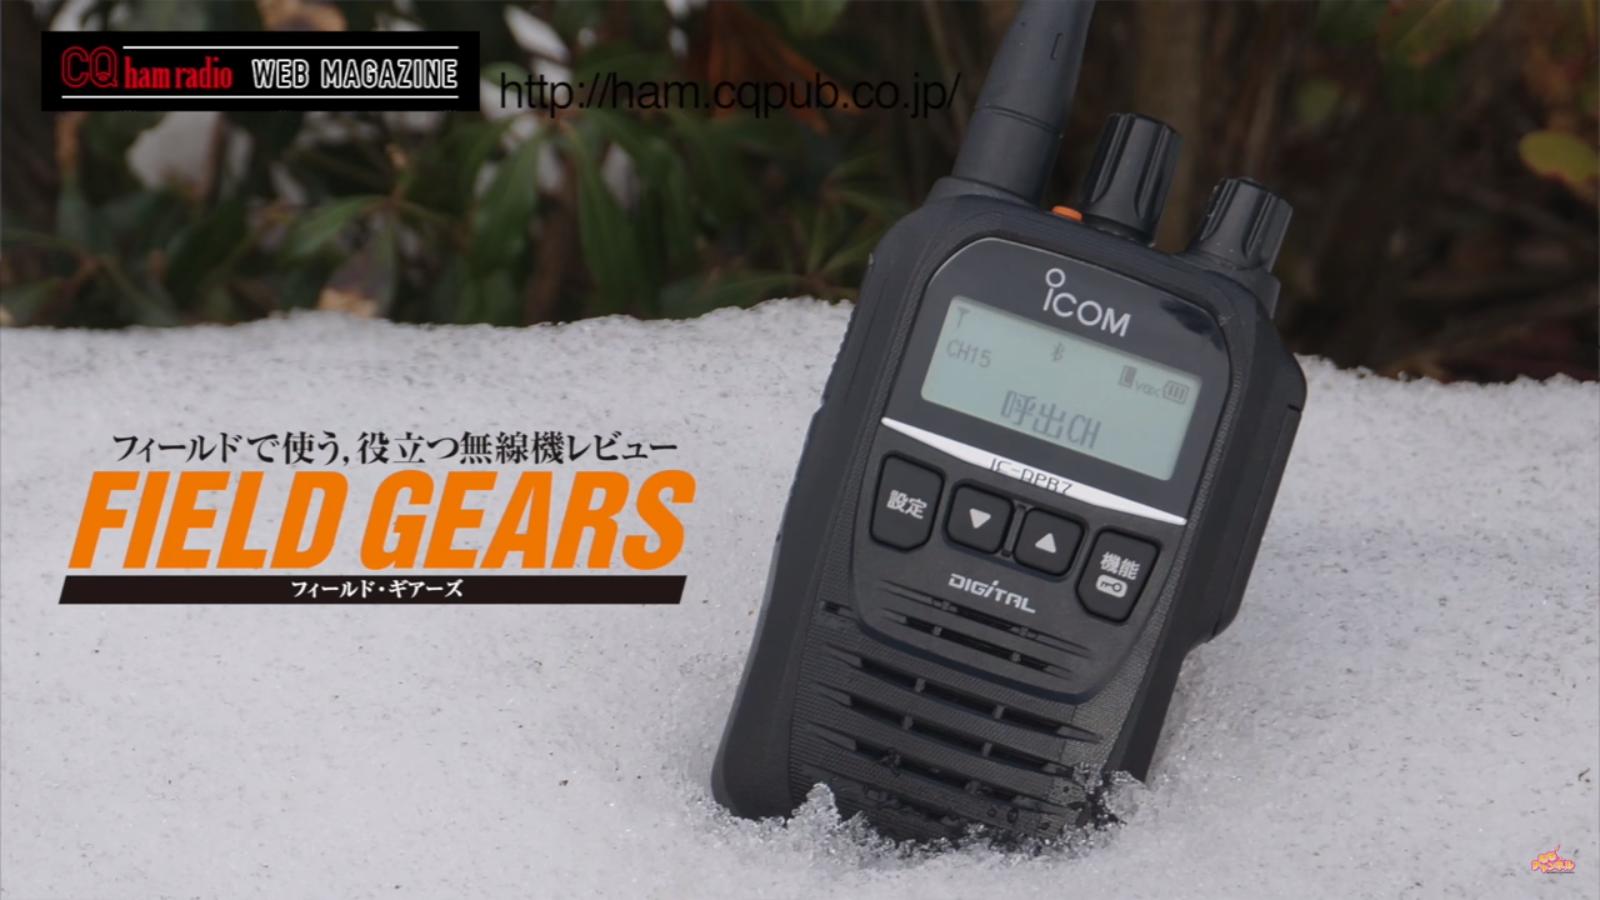 デジタル簡易無線は八木アンテナが面白い アイコムIC-DPR7BT【FIELD GEARS連動動画】